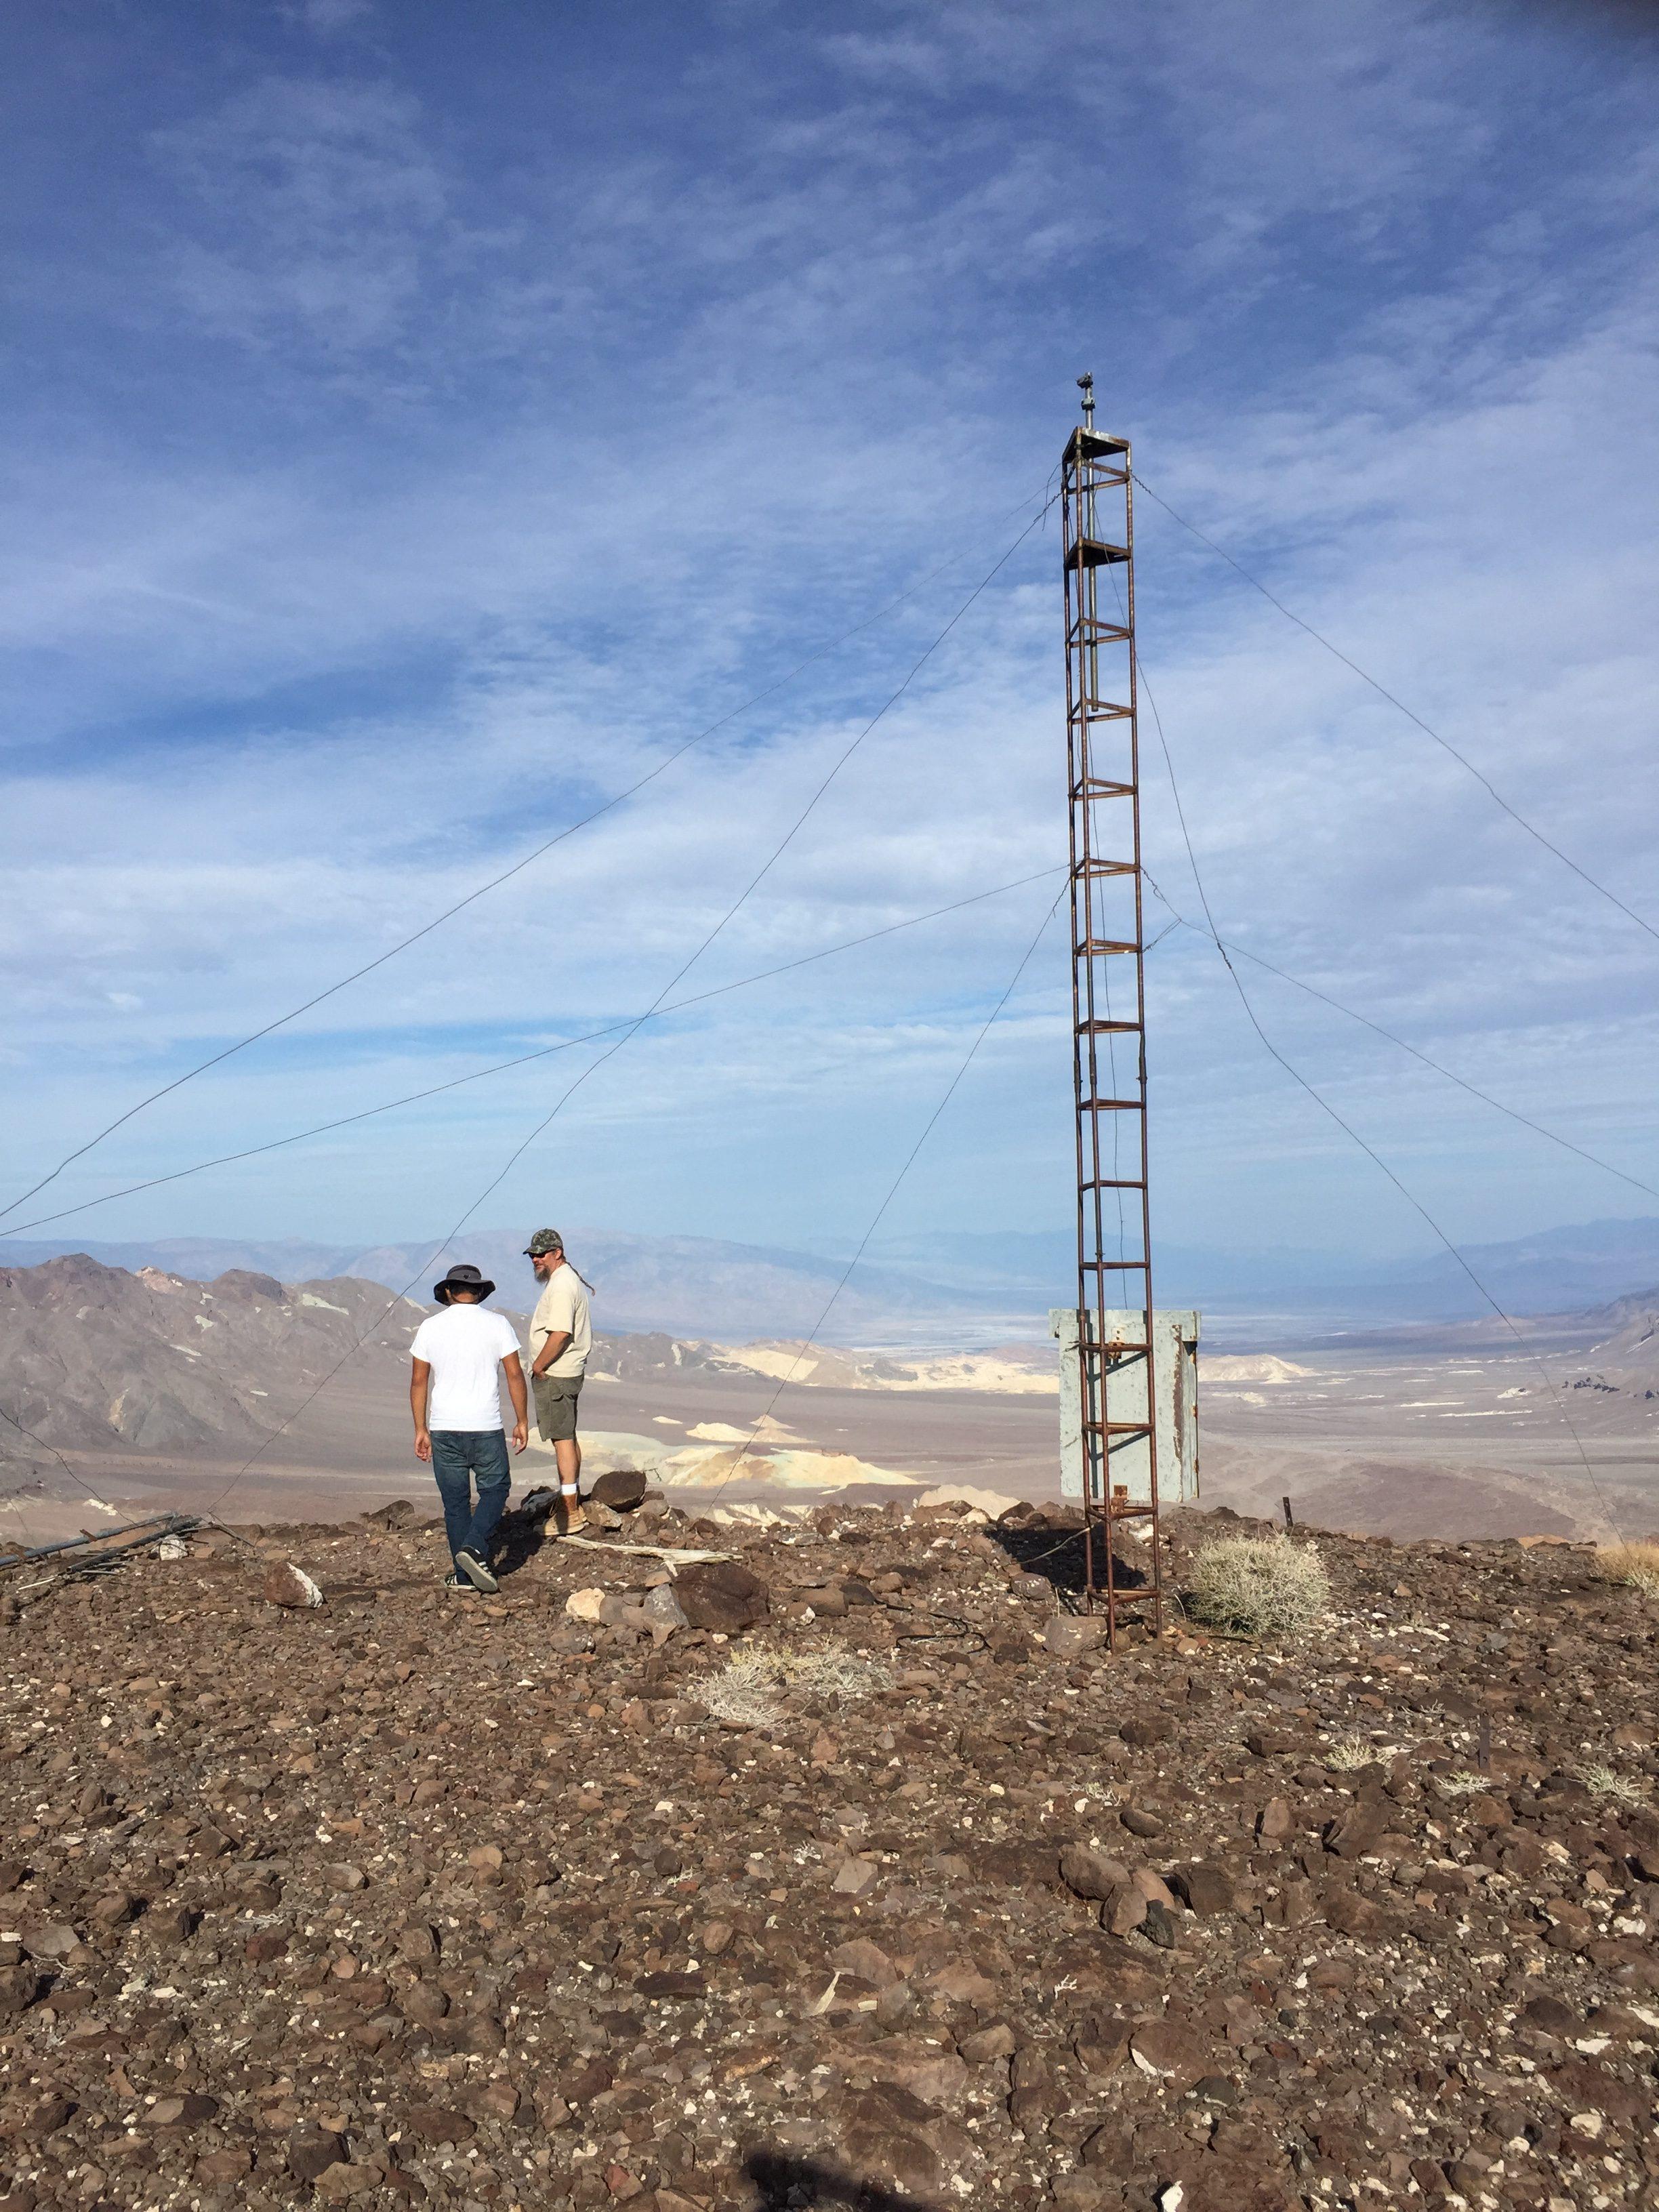 Documenting the desert terrain.